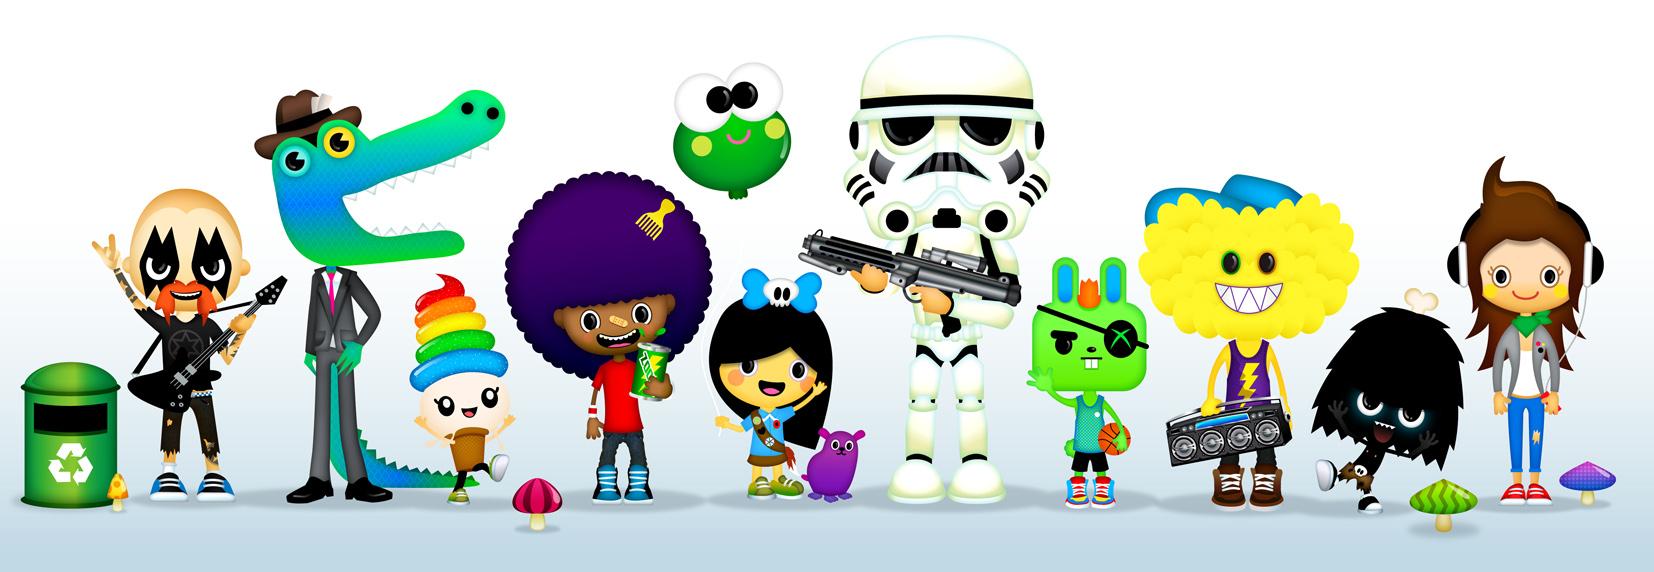 Xbox Characters 1